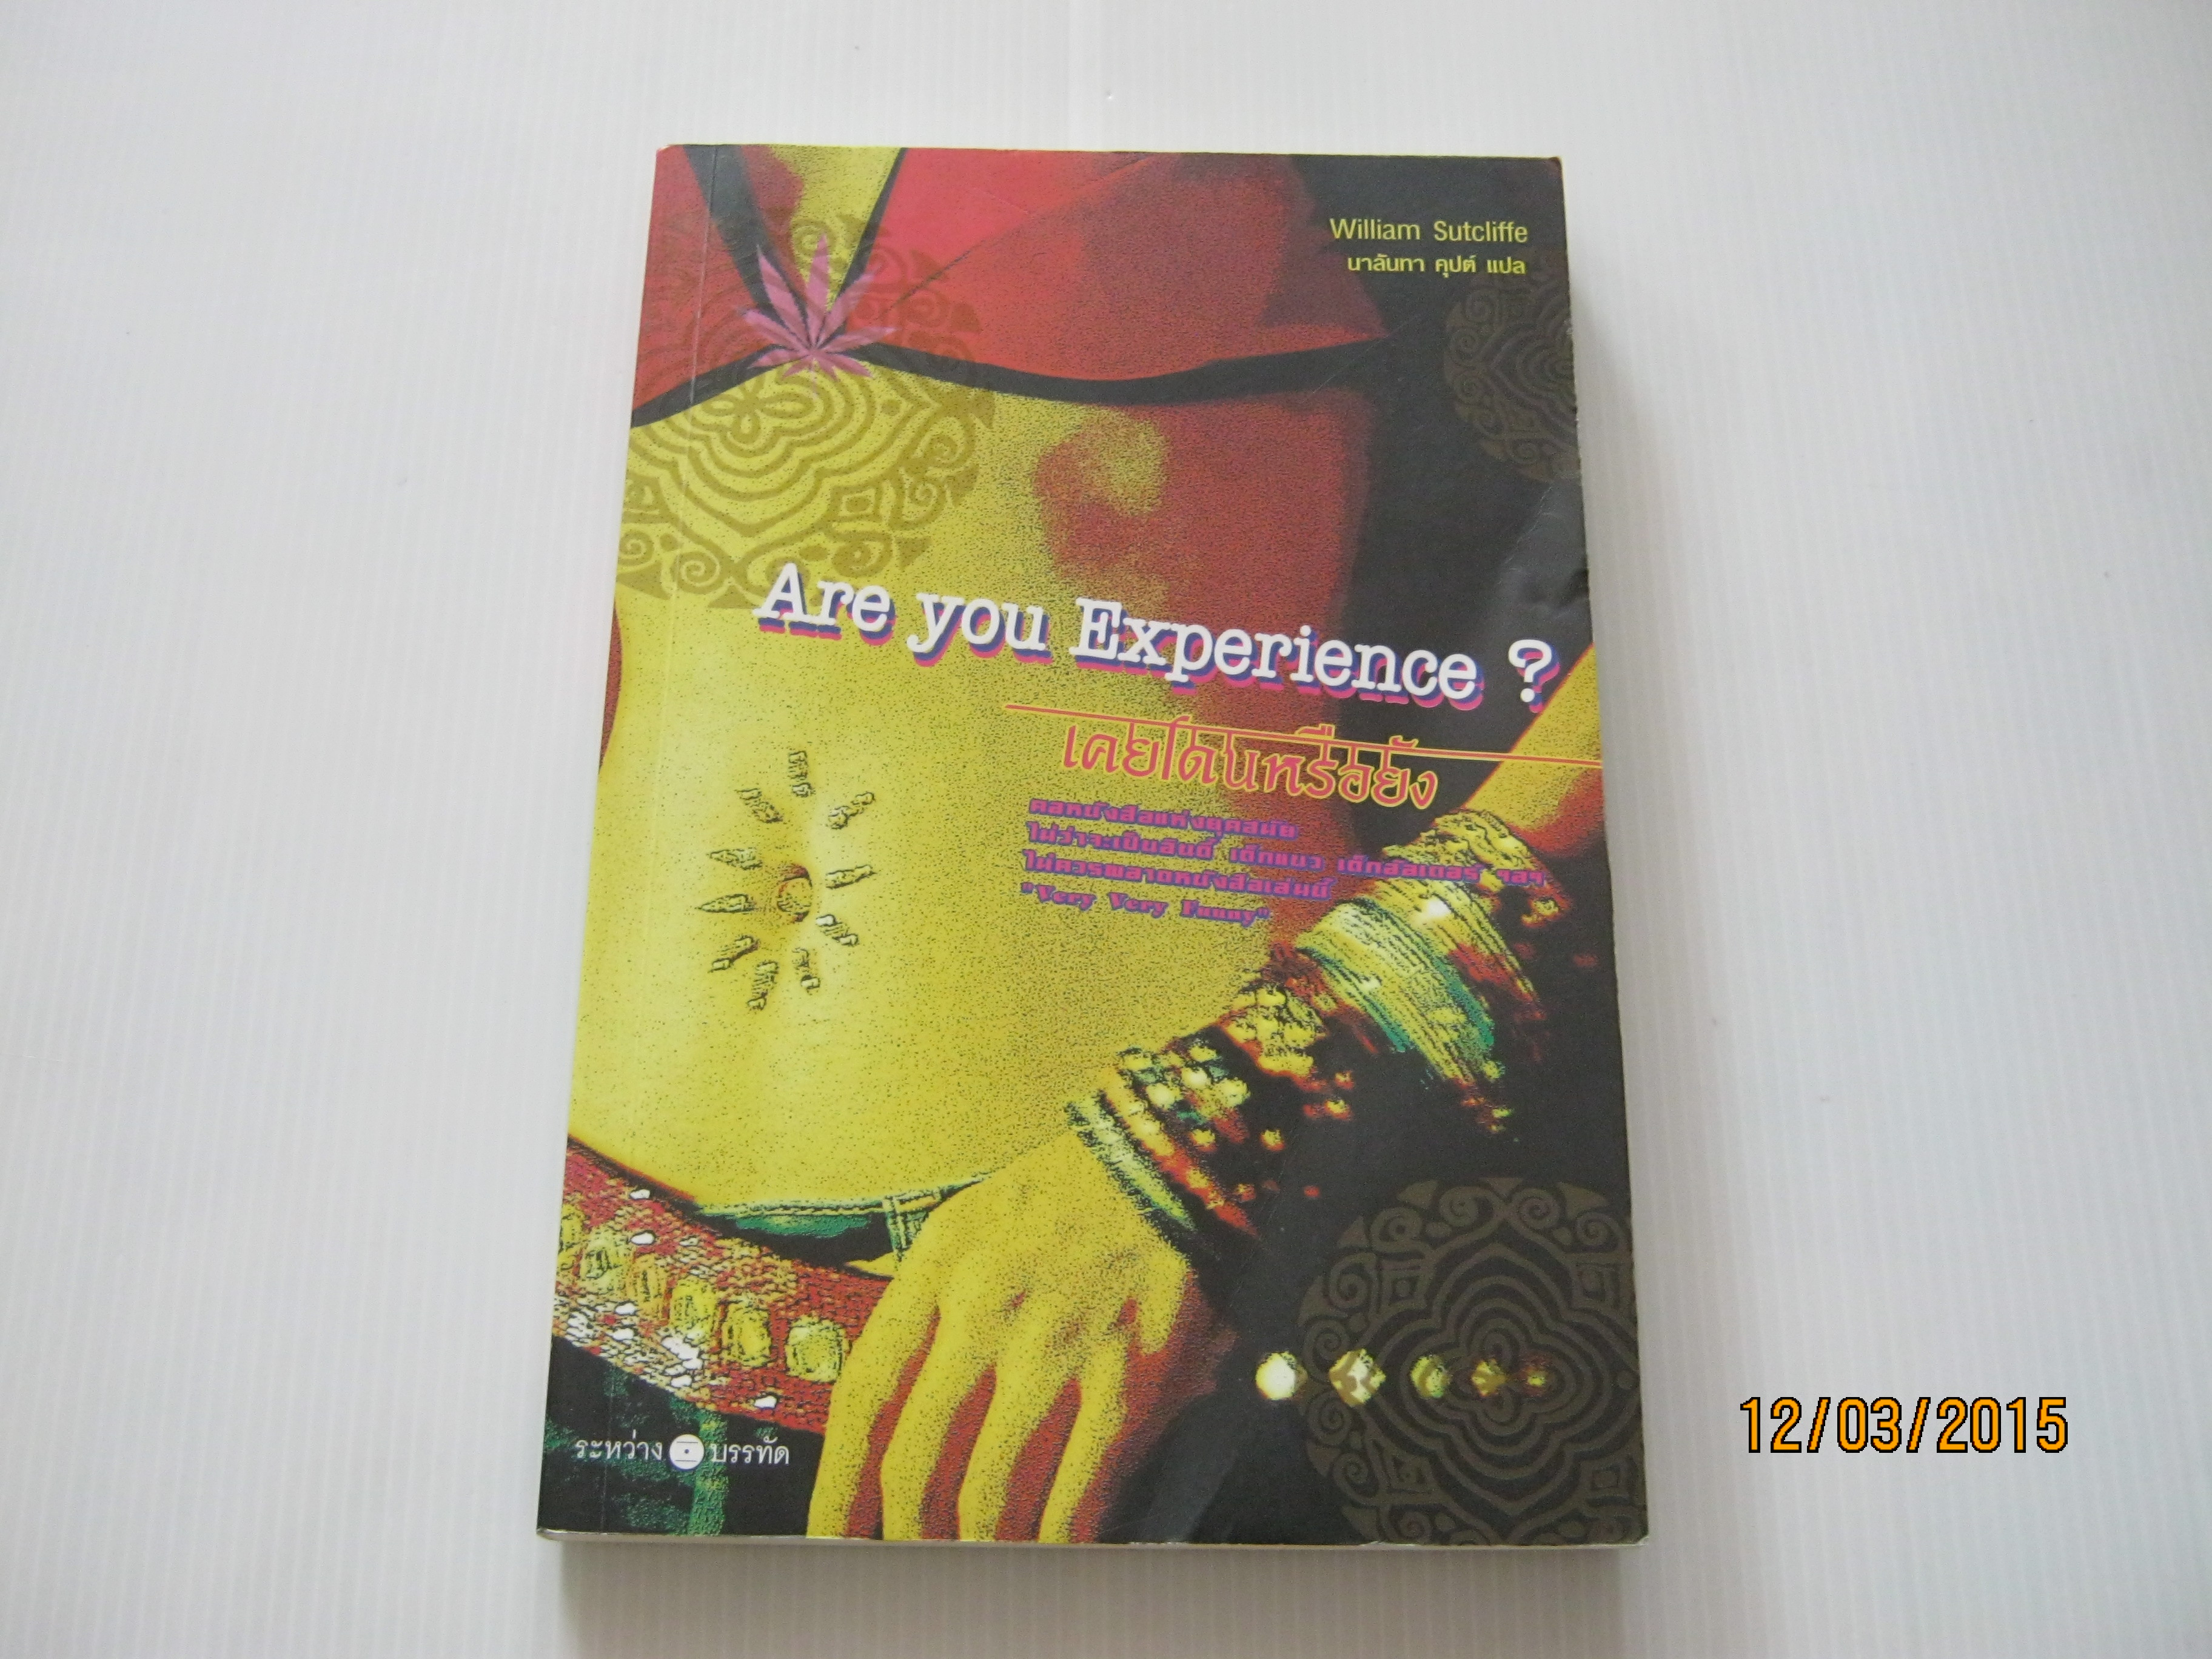 เคยโดนหรือยัง ? (Are you Experience?) William Sutcliffe เขียน นาลันทา คุปต์ แปล